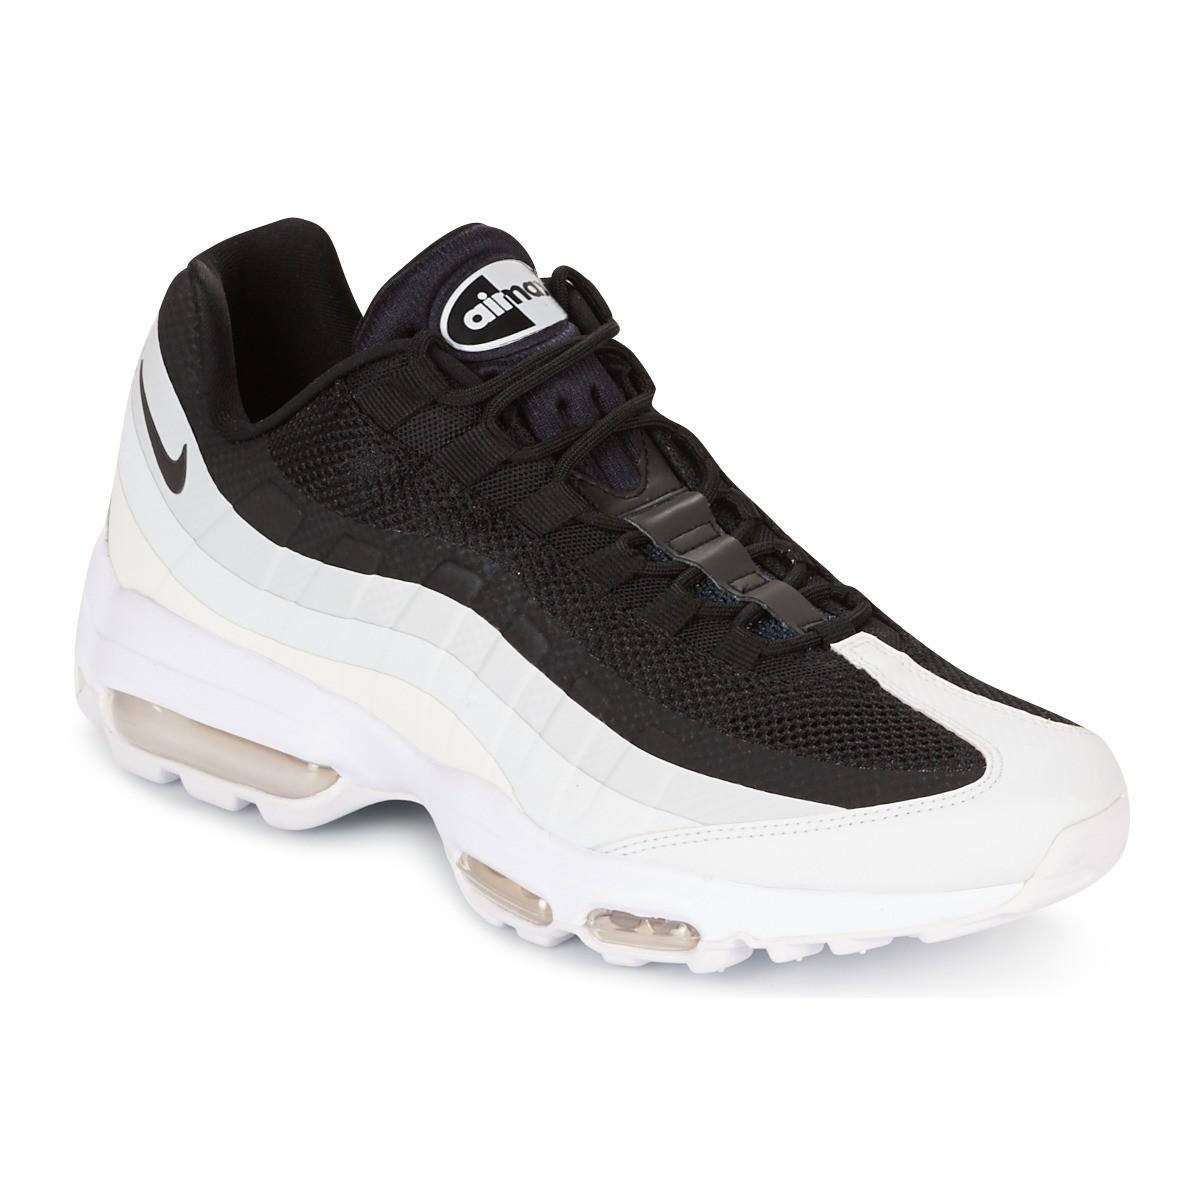 3c6fc69f5a0f Grands baskets discount Nike en ligne à vendre. L'authentique vente de chaussure  nike de ville homme froid France sera aimée par votre coeur.